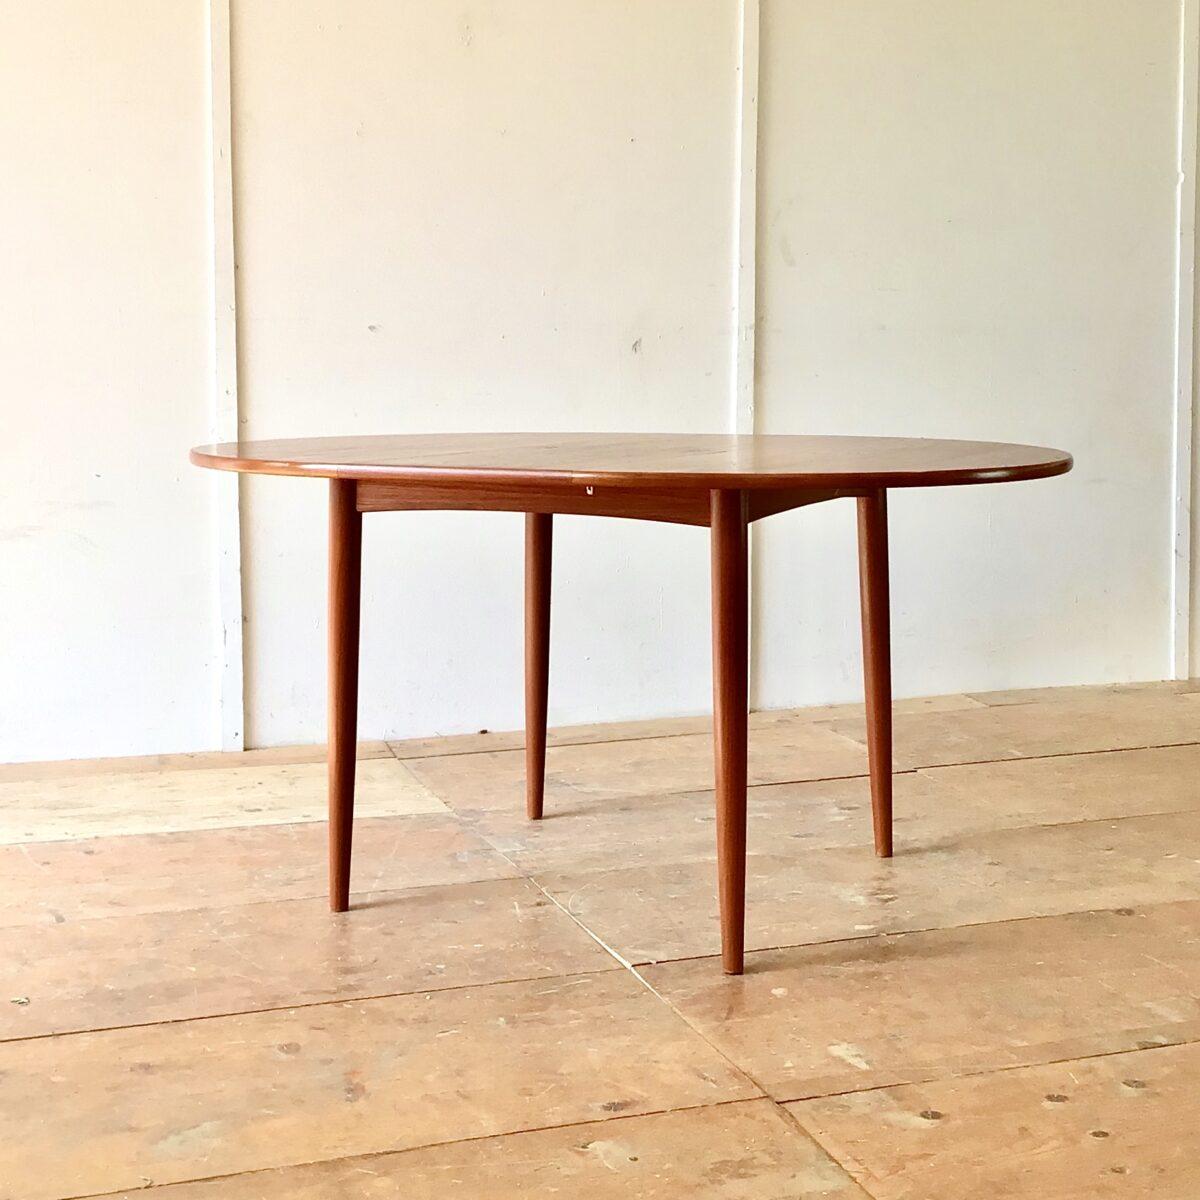 Midcentury Teak Tisch. Esstisch, Küchentisch runder Auszugtisch, Holztisch. Durchmesser 110cm Höhe 73cm ausgezogen 148 x 110cm. Tischblatt furniert geölt, ausziehbar. Die Verlängerung ist aufklappbar und lässt sich im Bauch des Tisches verstauen. Die konisch runden Tischbeine sind aus Vollholz.